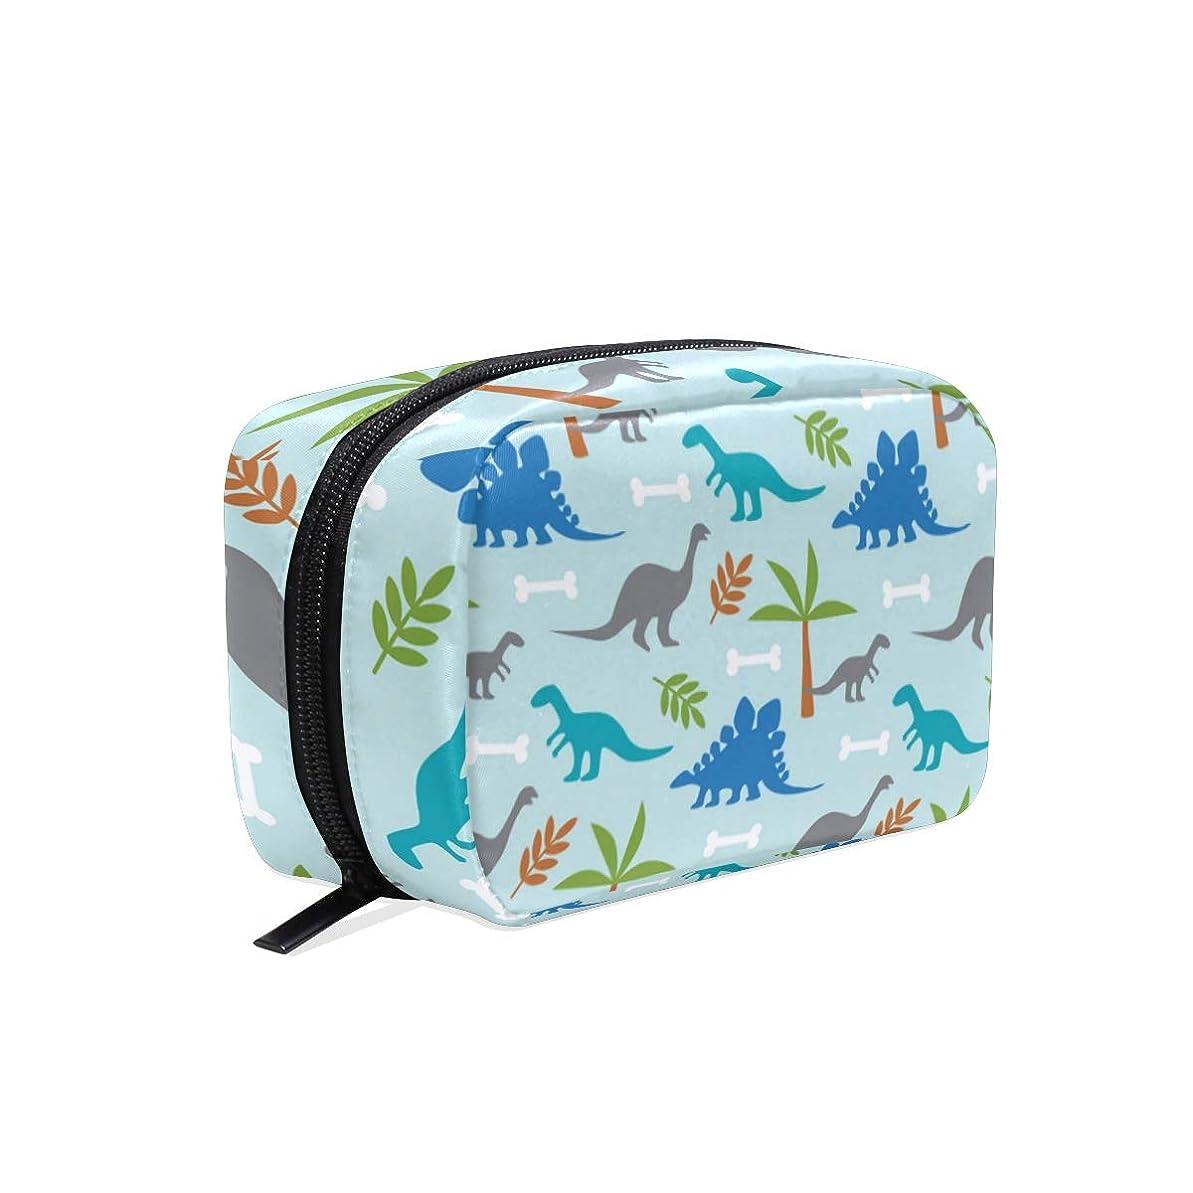 にじみ出る一時解雇するオデュッセウス可愛い恐竜 化粧ポーチ メイクポーチ 機能的 大容量 化粧品収納 小物入れ 普段使い 出張 旅行 メイク ブラシ バッグ 化粧バッグ